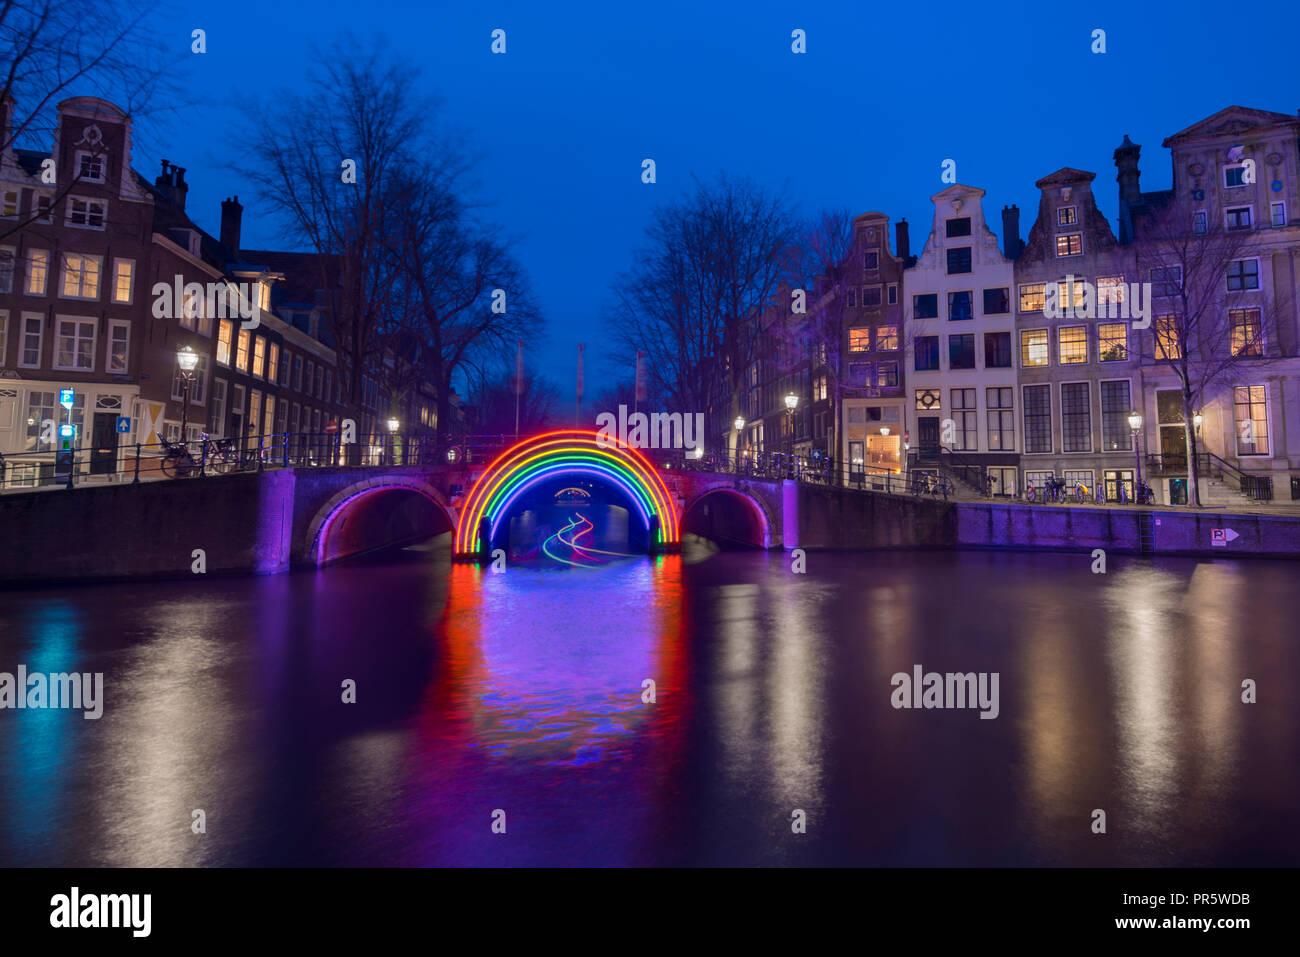 Licht Tour Amsterdam : Amsterdam canal herengracht während der amsterdam licht festival